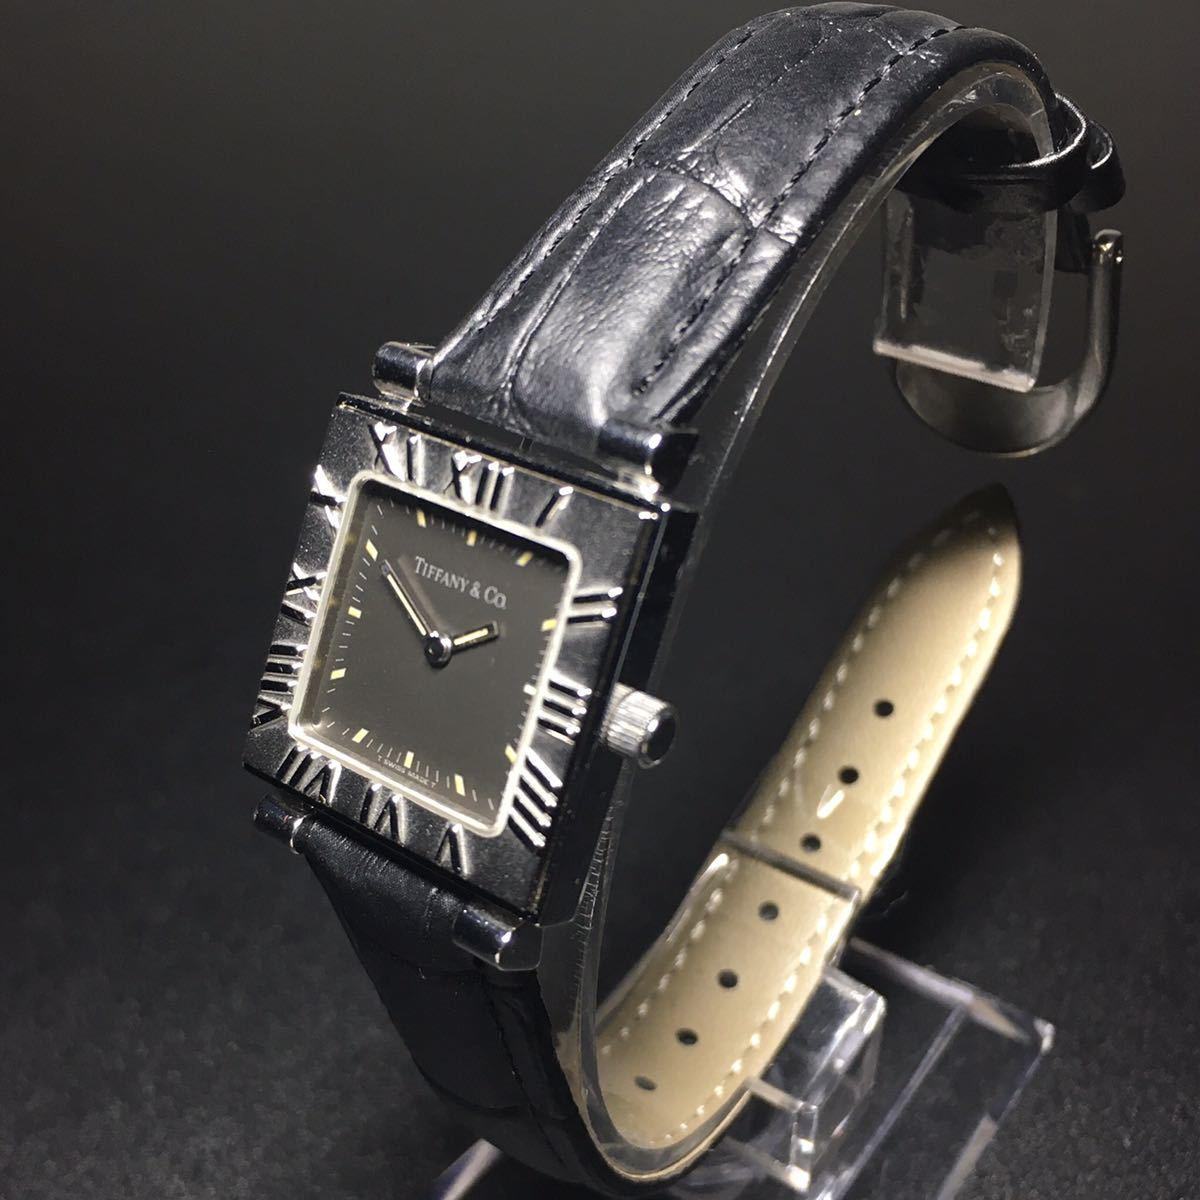 【美品 正規品】ティファニー 腕時計 アトラス スクエア レディース 可動品 時計 TIFFANY クオーツ 【2006Ti10】_画像2